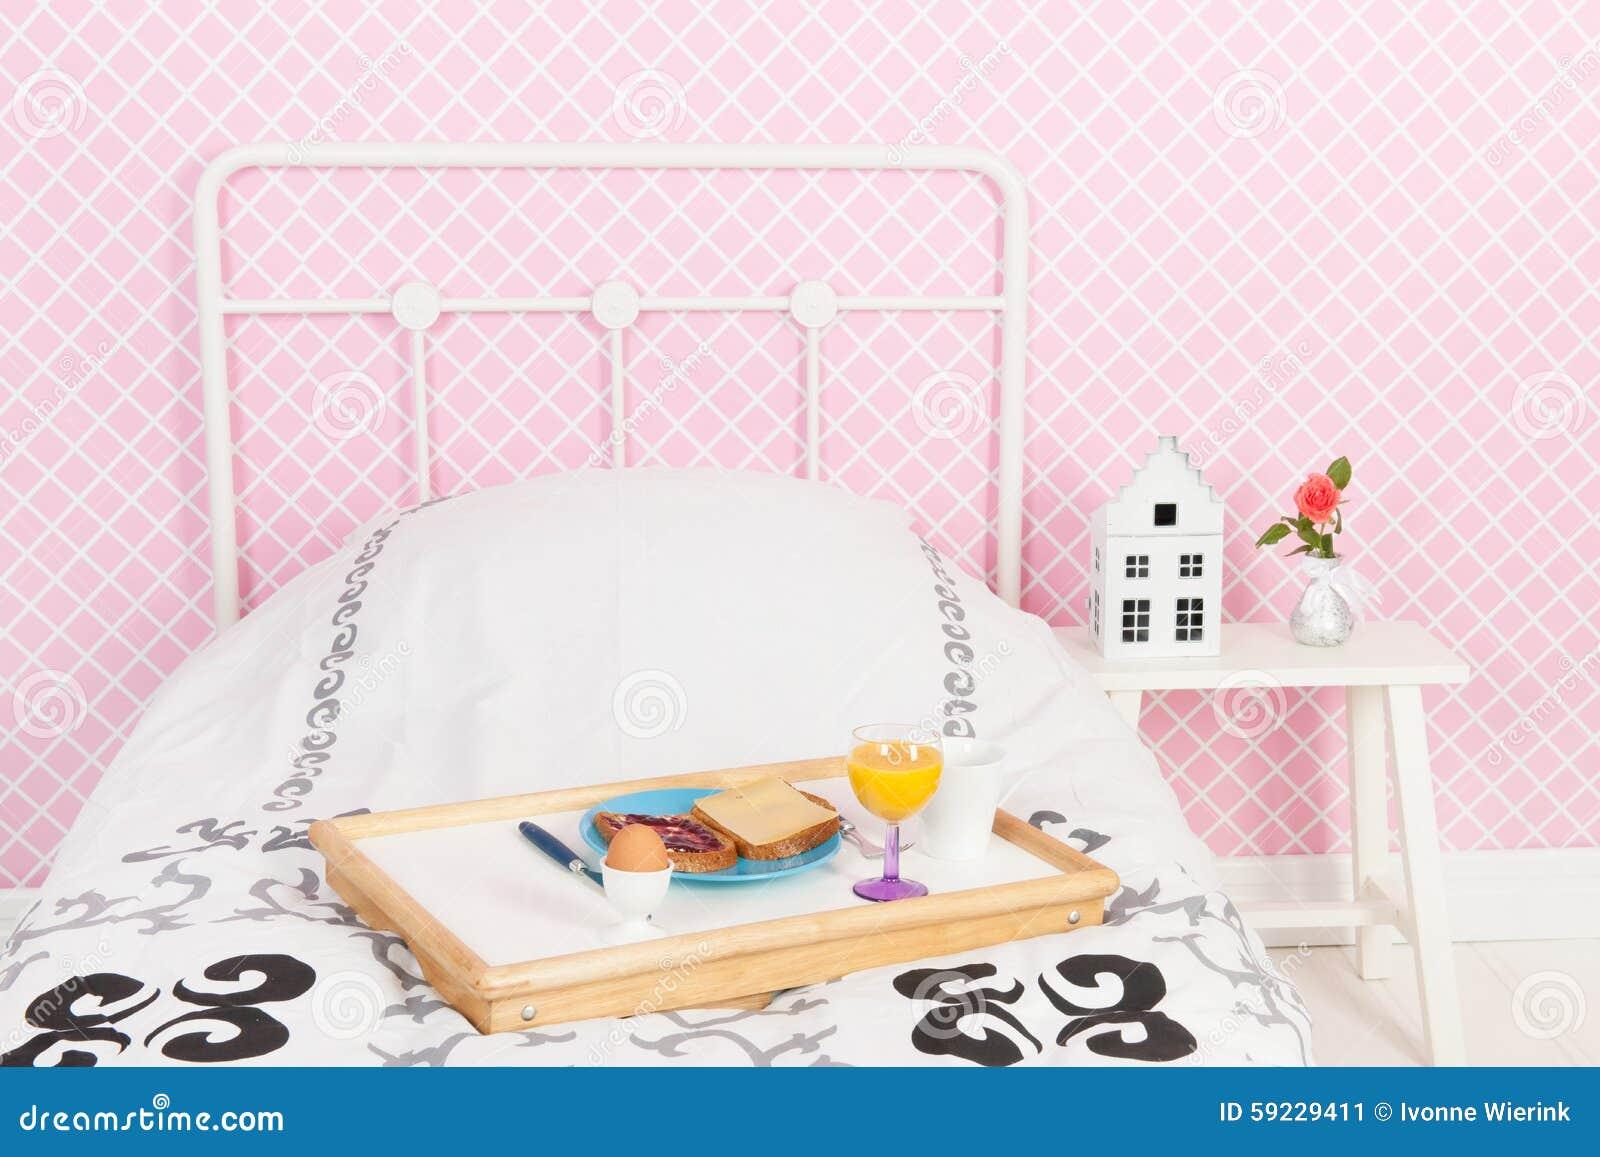 Download Desayuno en cama imagen de archivo. Imagen de café, anaranjado - 59229411